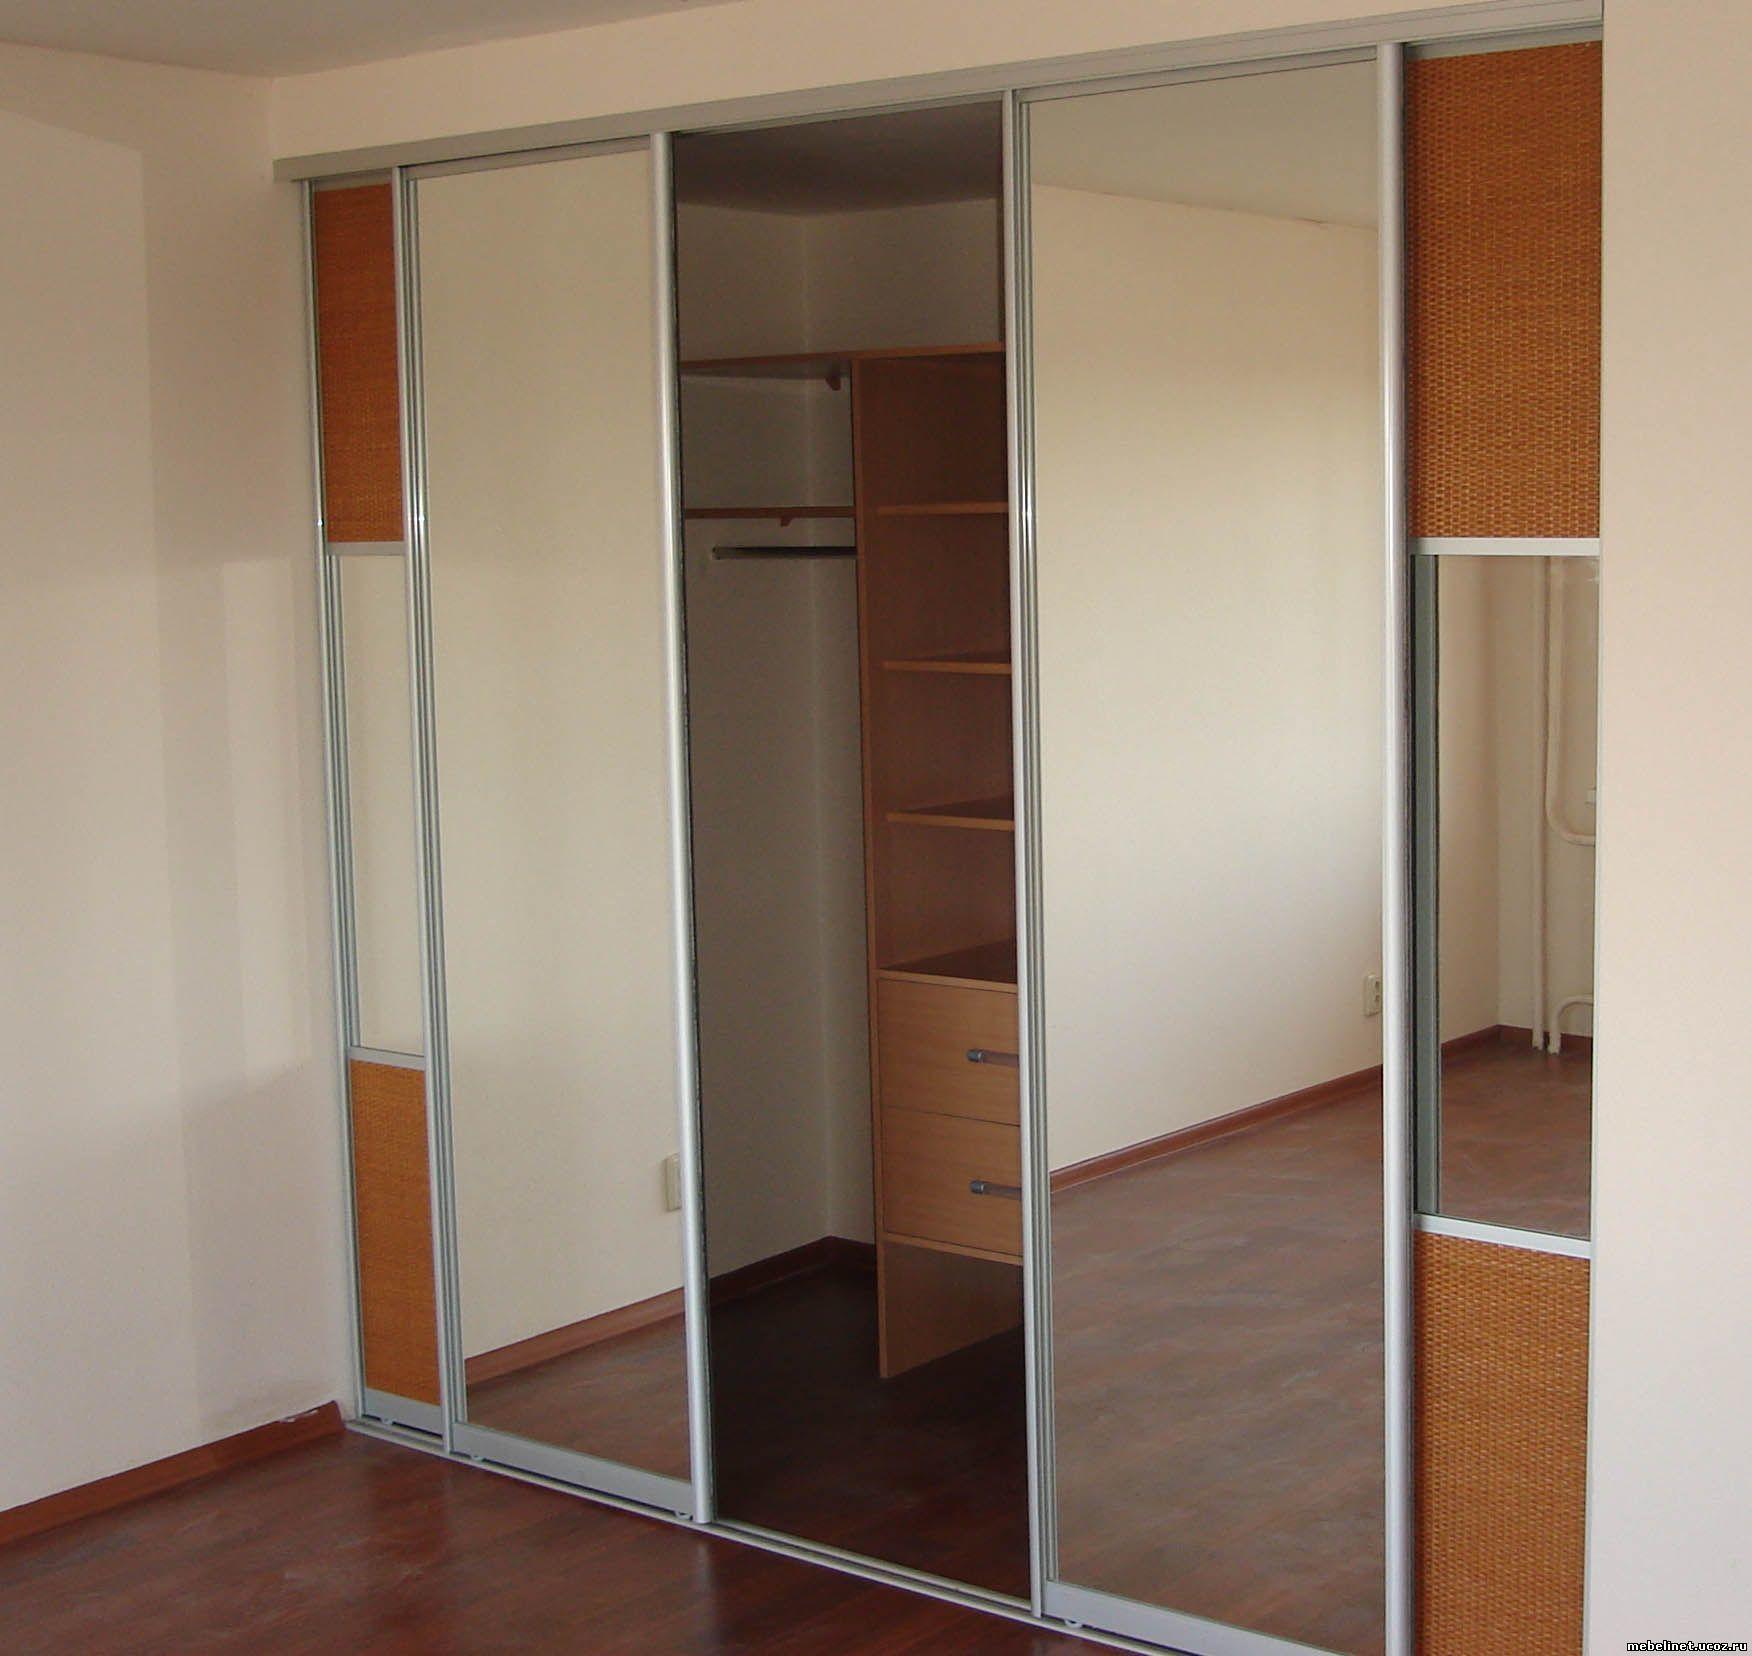 Раздвижная гардеробная на заказ балтийский шкаф: купить шкаф.